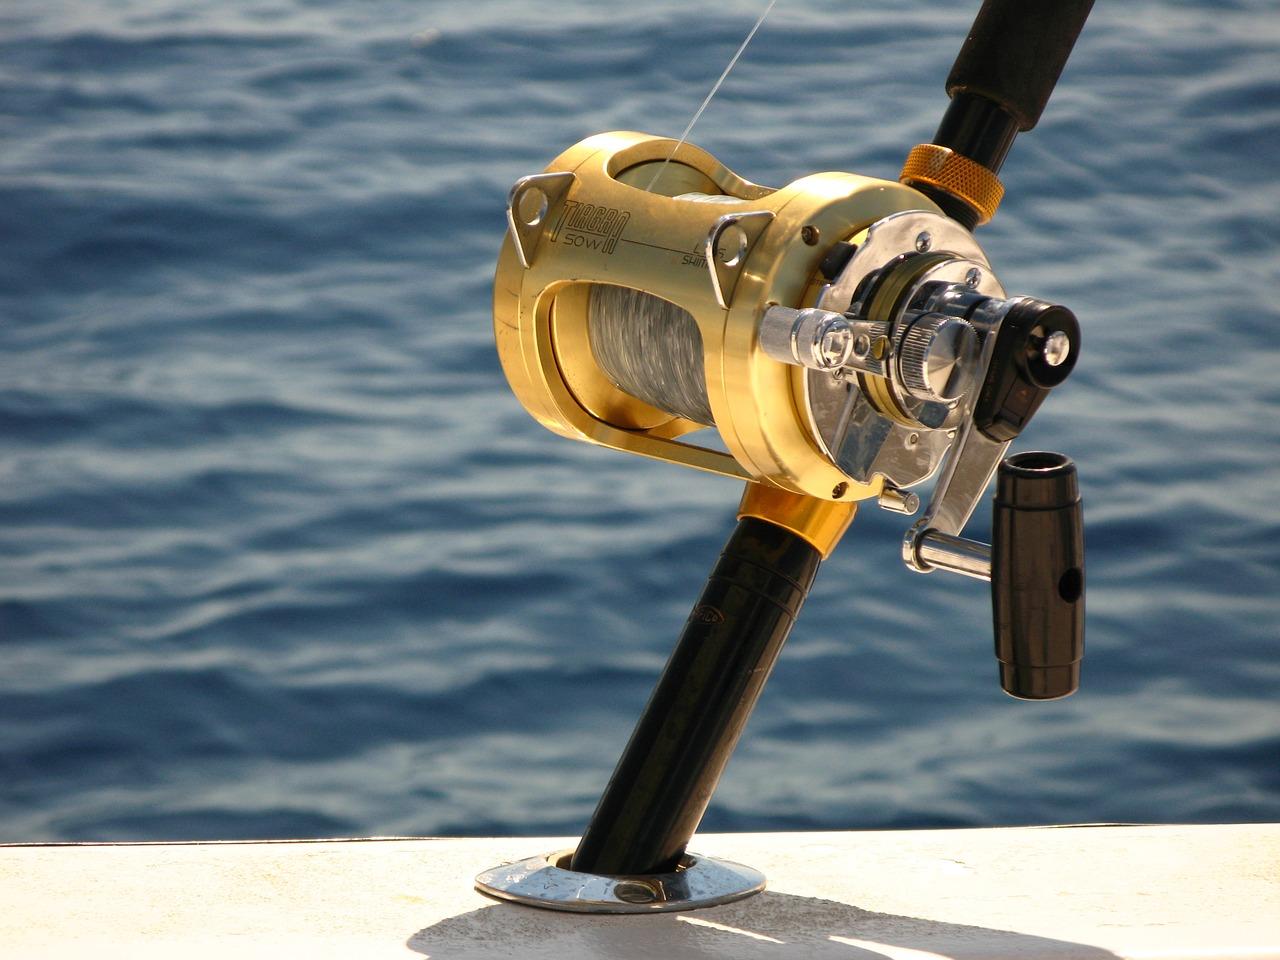 Na co zwracać uwagę przy zakupie łodzi wędkarskiej?